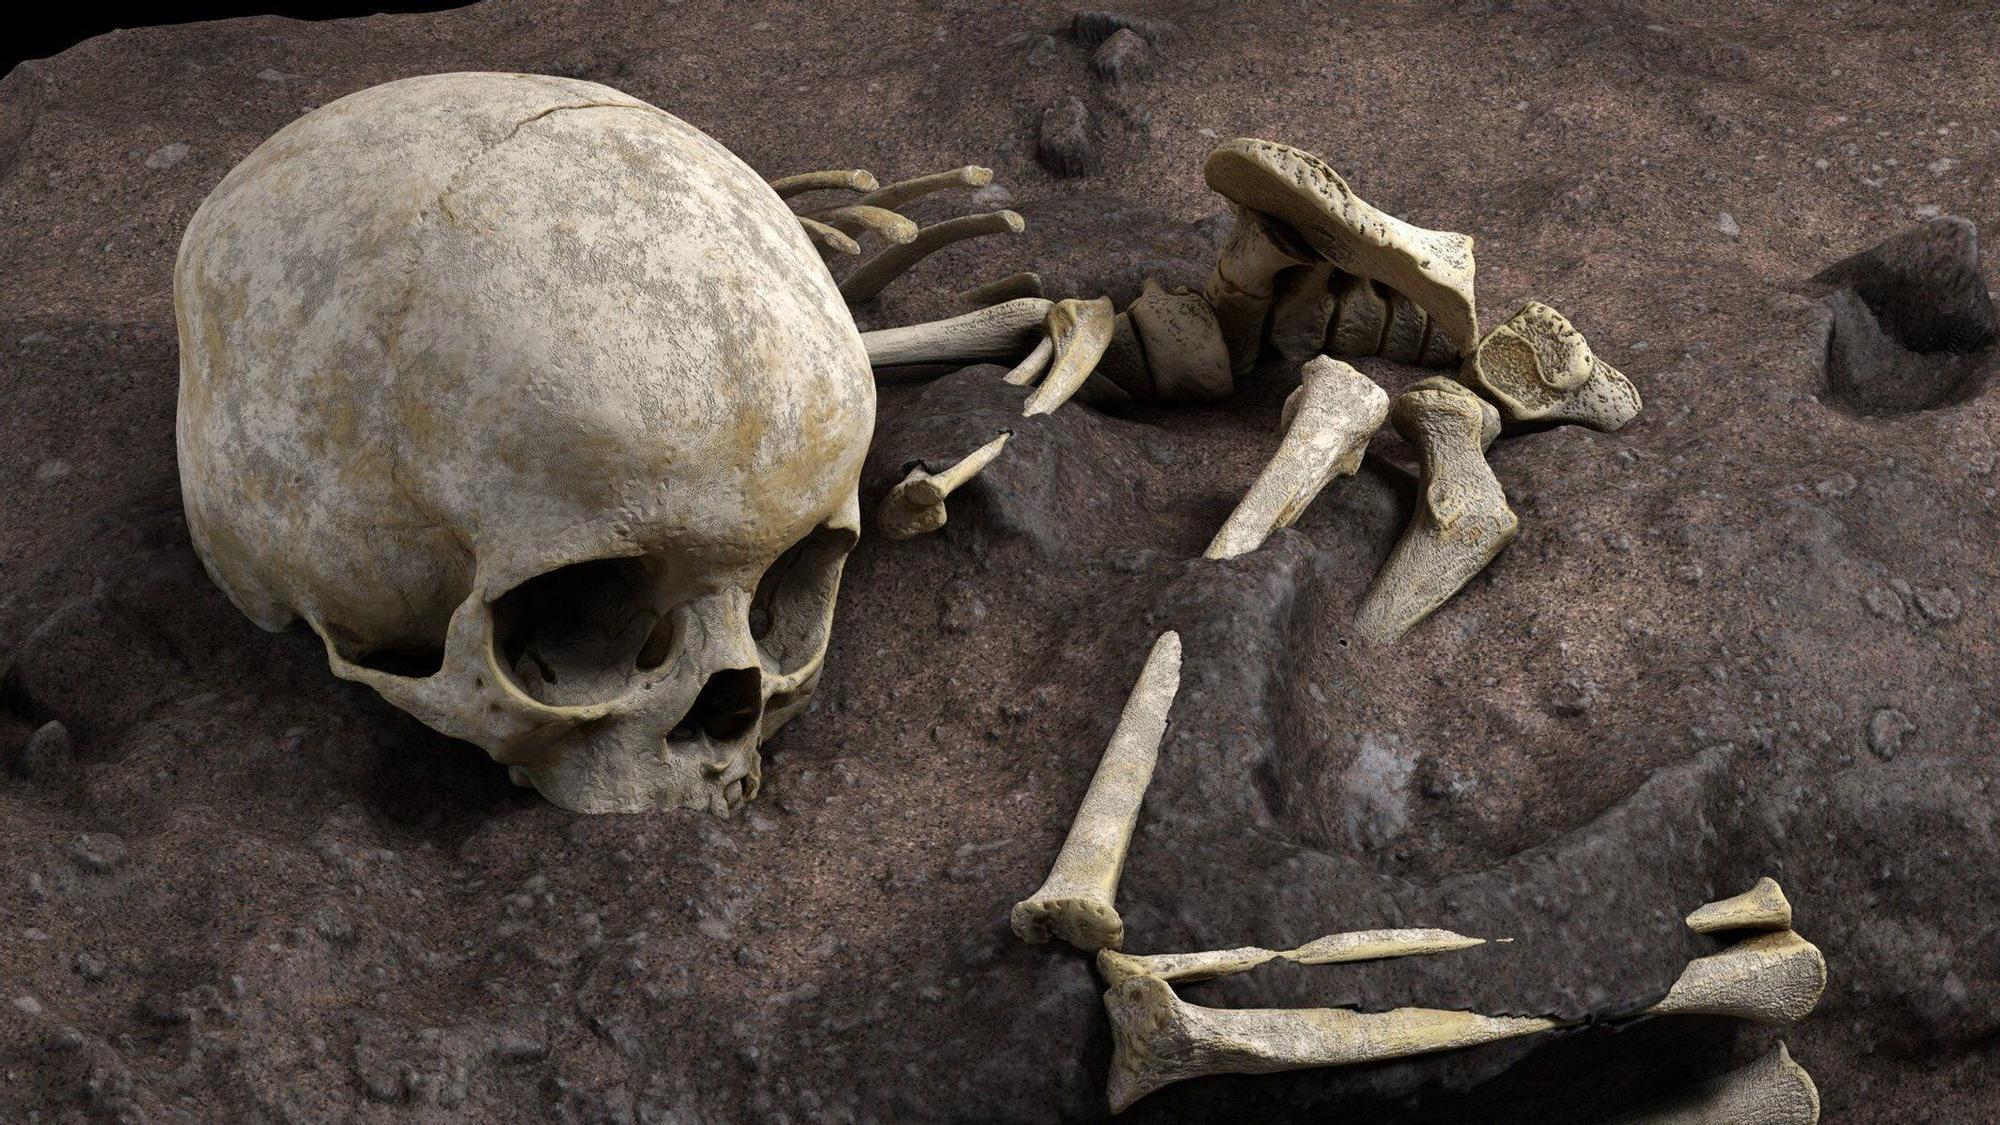 Hallada en Kenia la tumba más antigua de África, un niño de 3 años enterrado hace 78.000